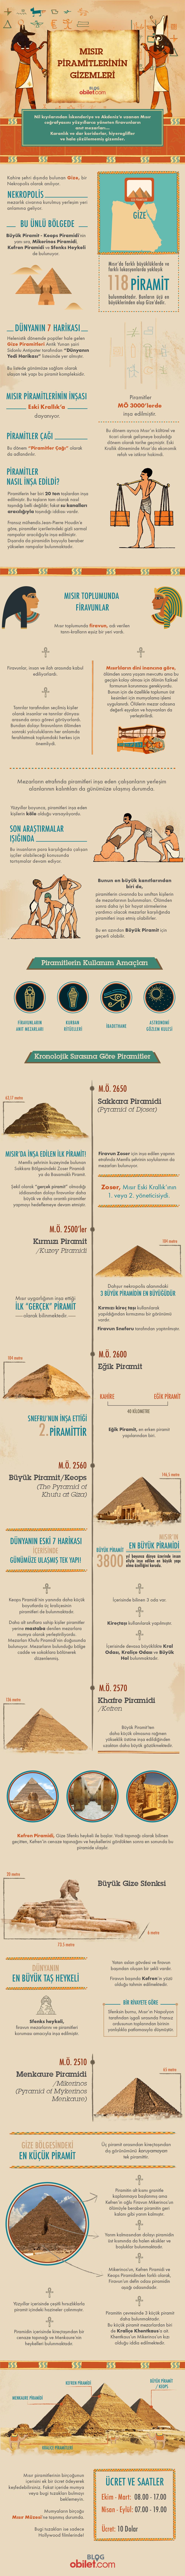 Mısır Gize Piramitleri